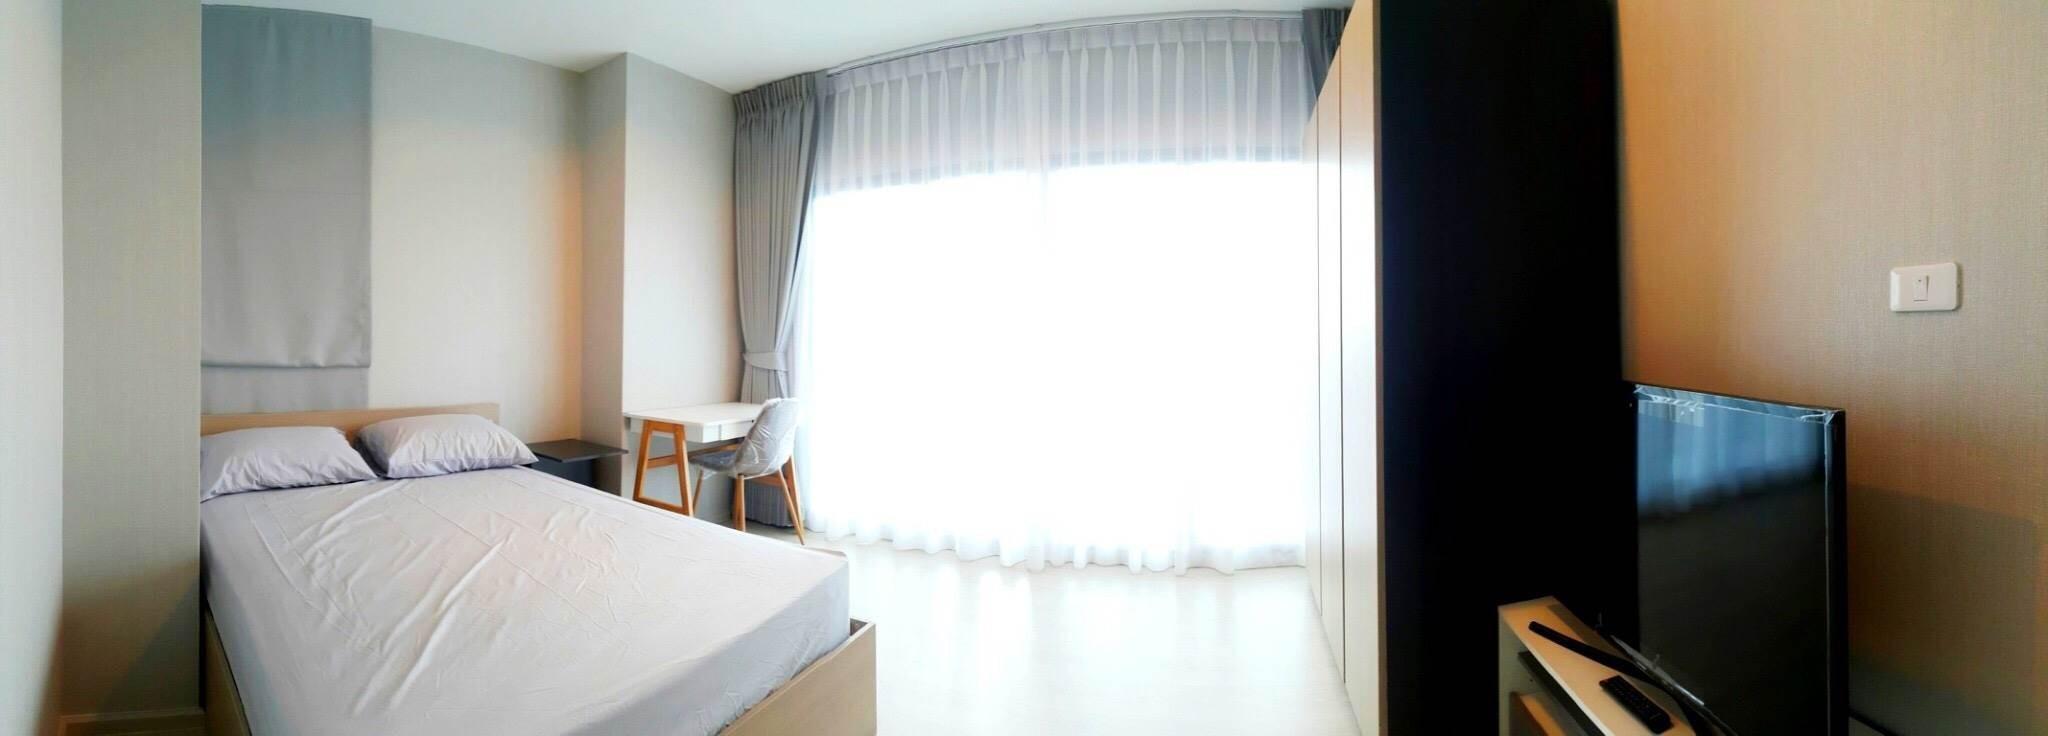 ภาพให้เช่า ไอดีโอ สุขุมวิท 115   2 ห้องนอน